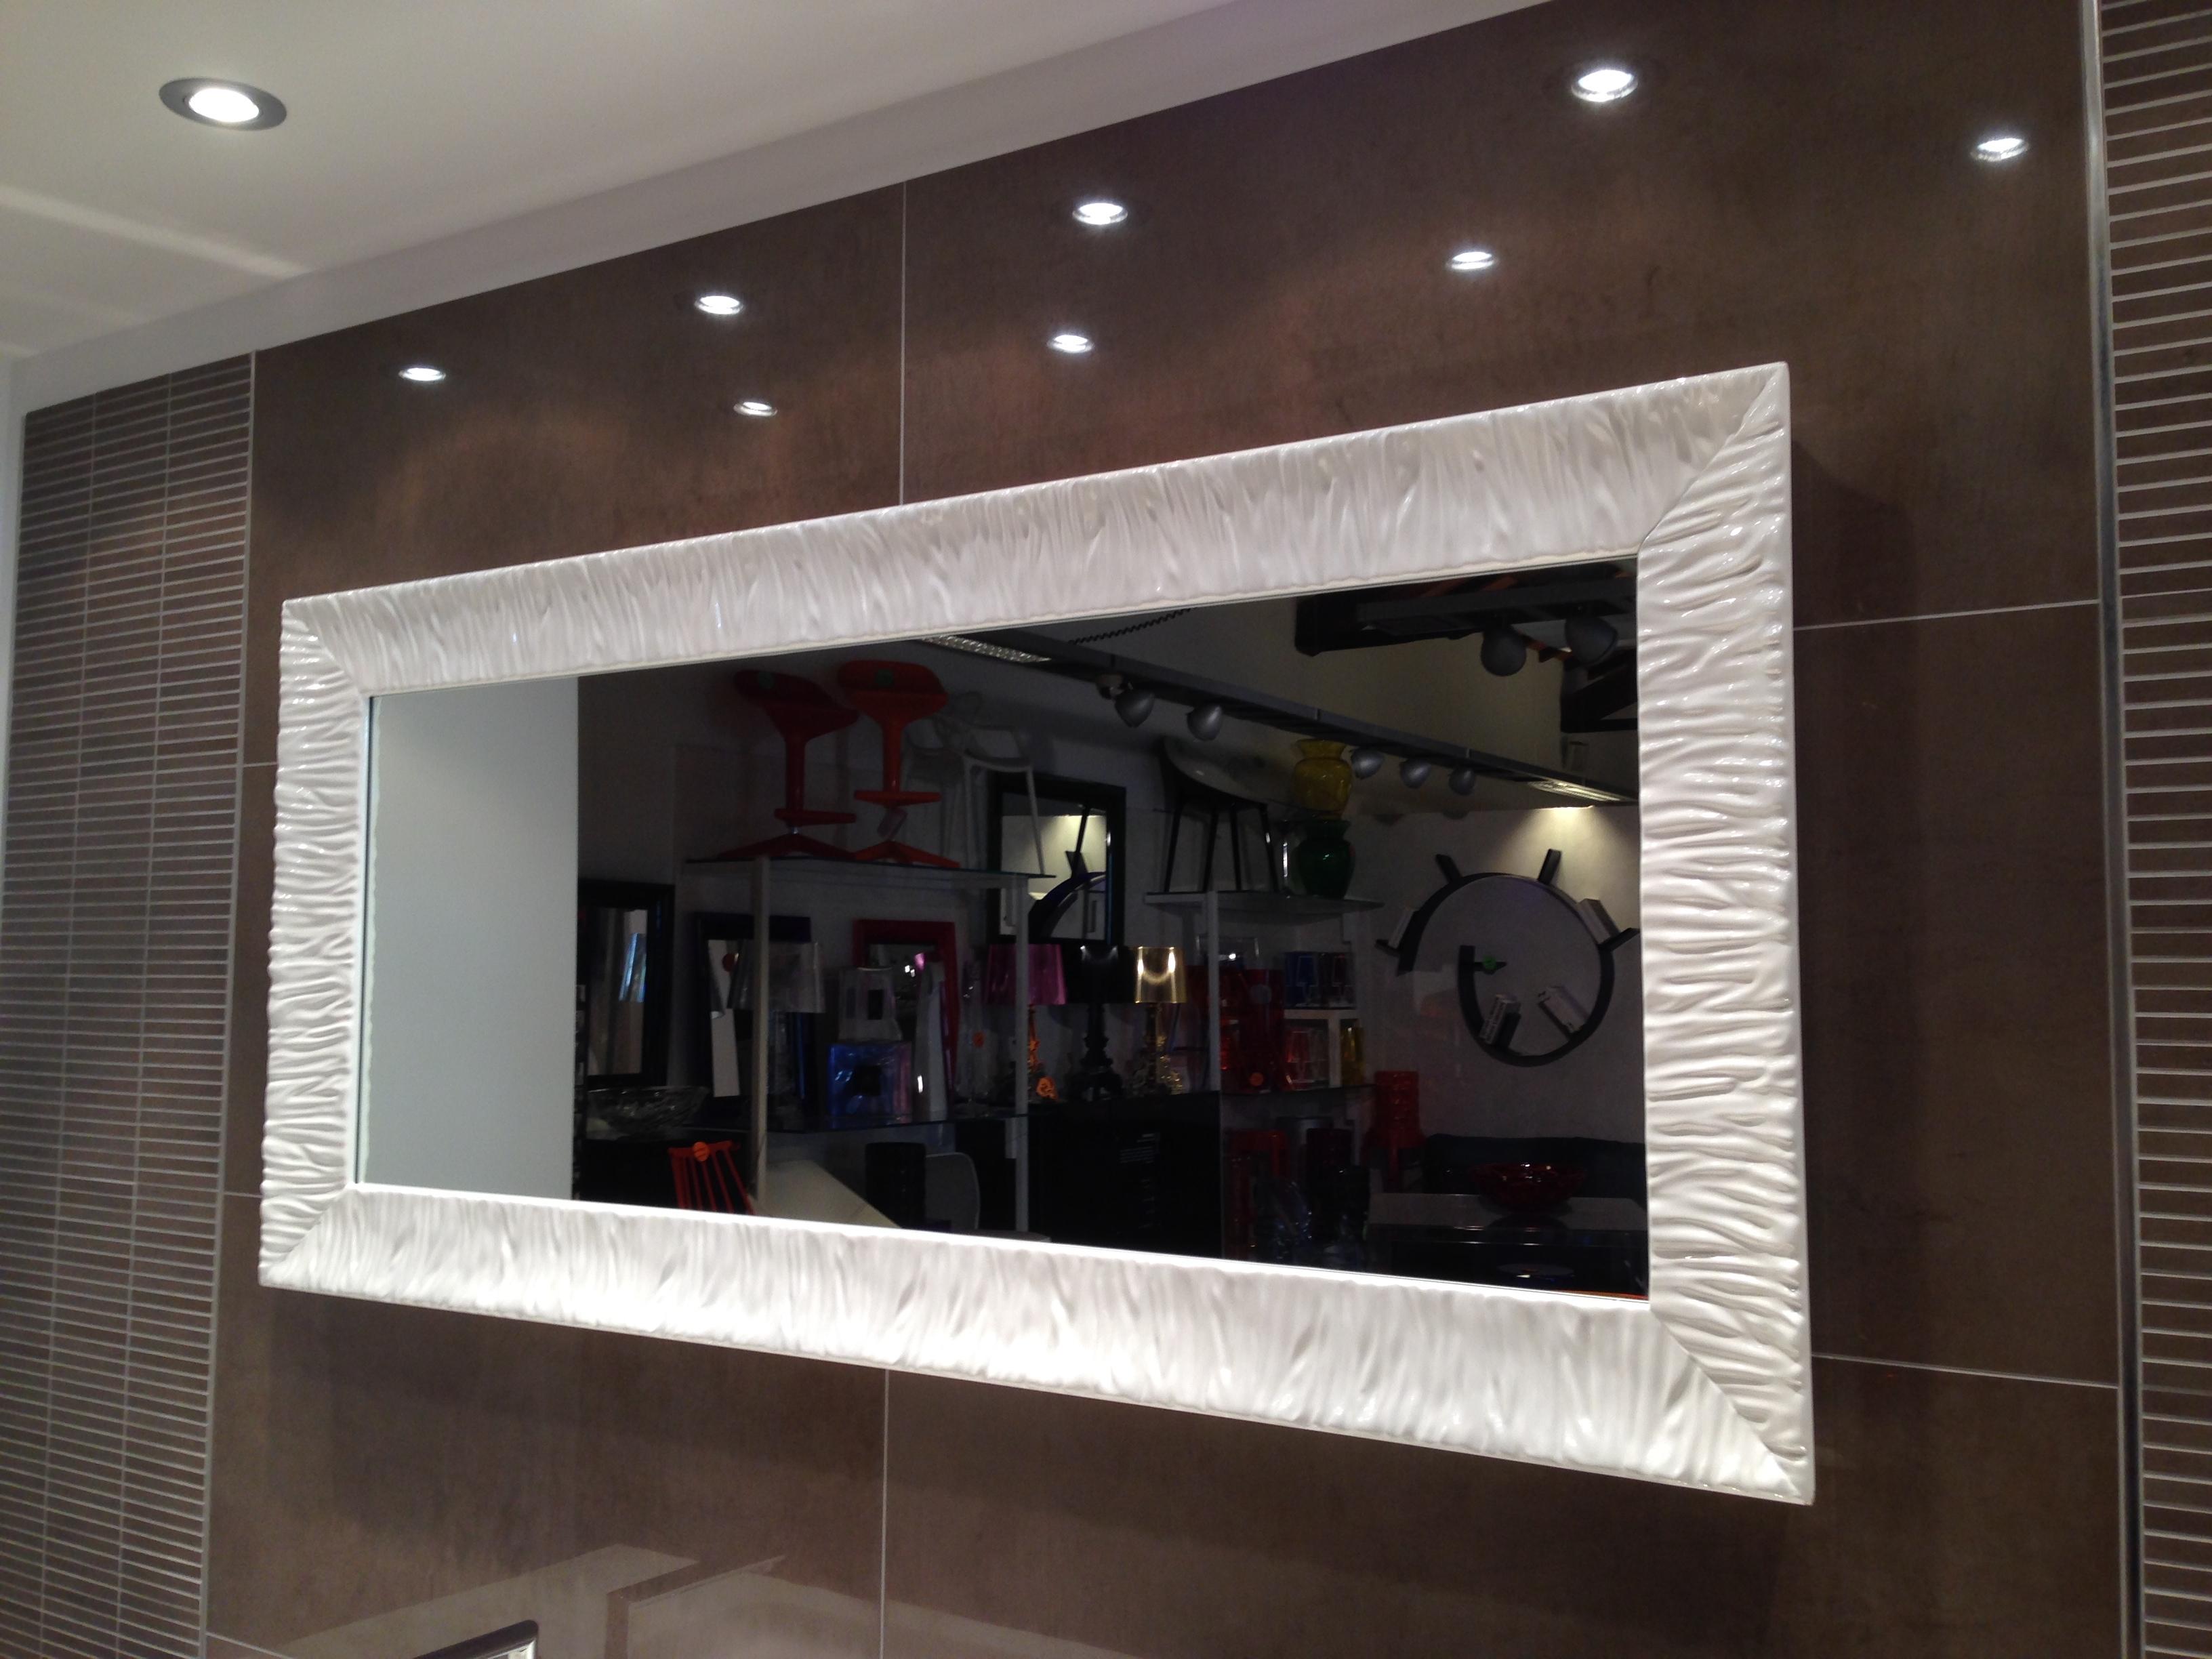 Specchio arbi in promozione complementi a prezzi scontati - Specchi particolari per bagno ...